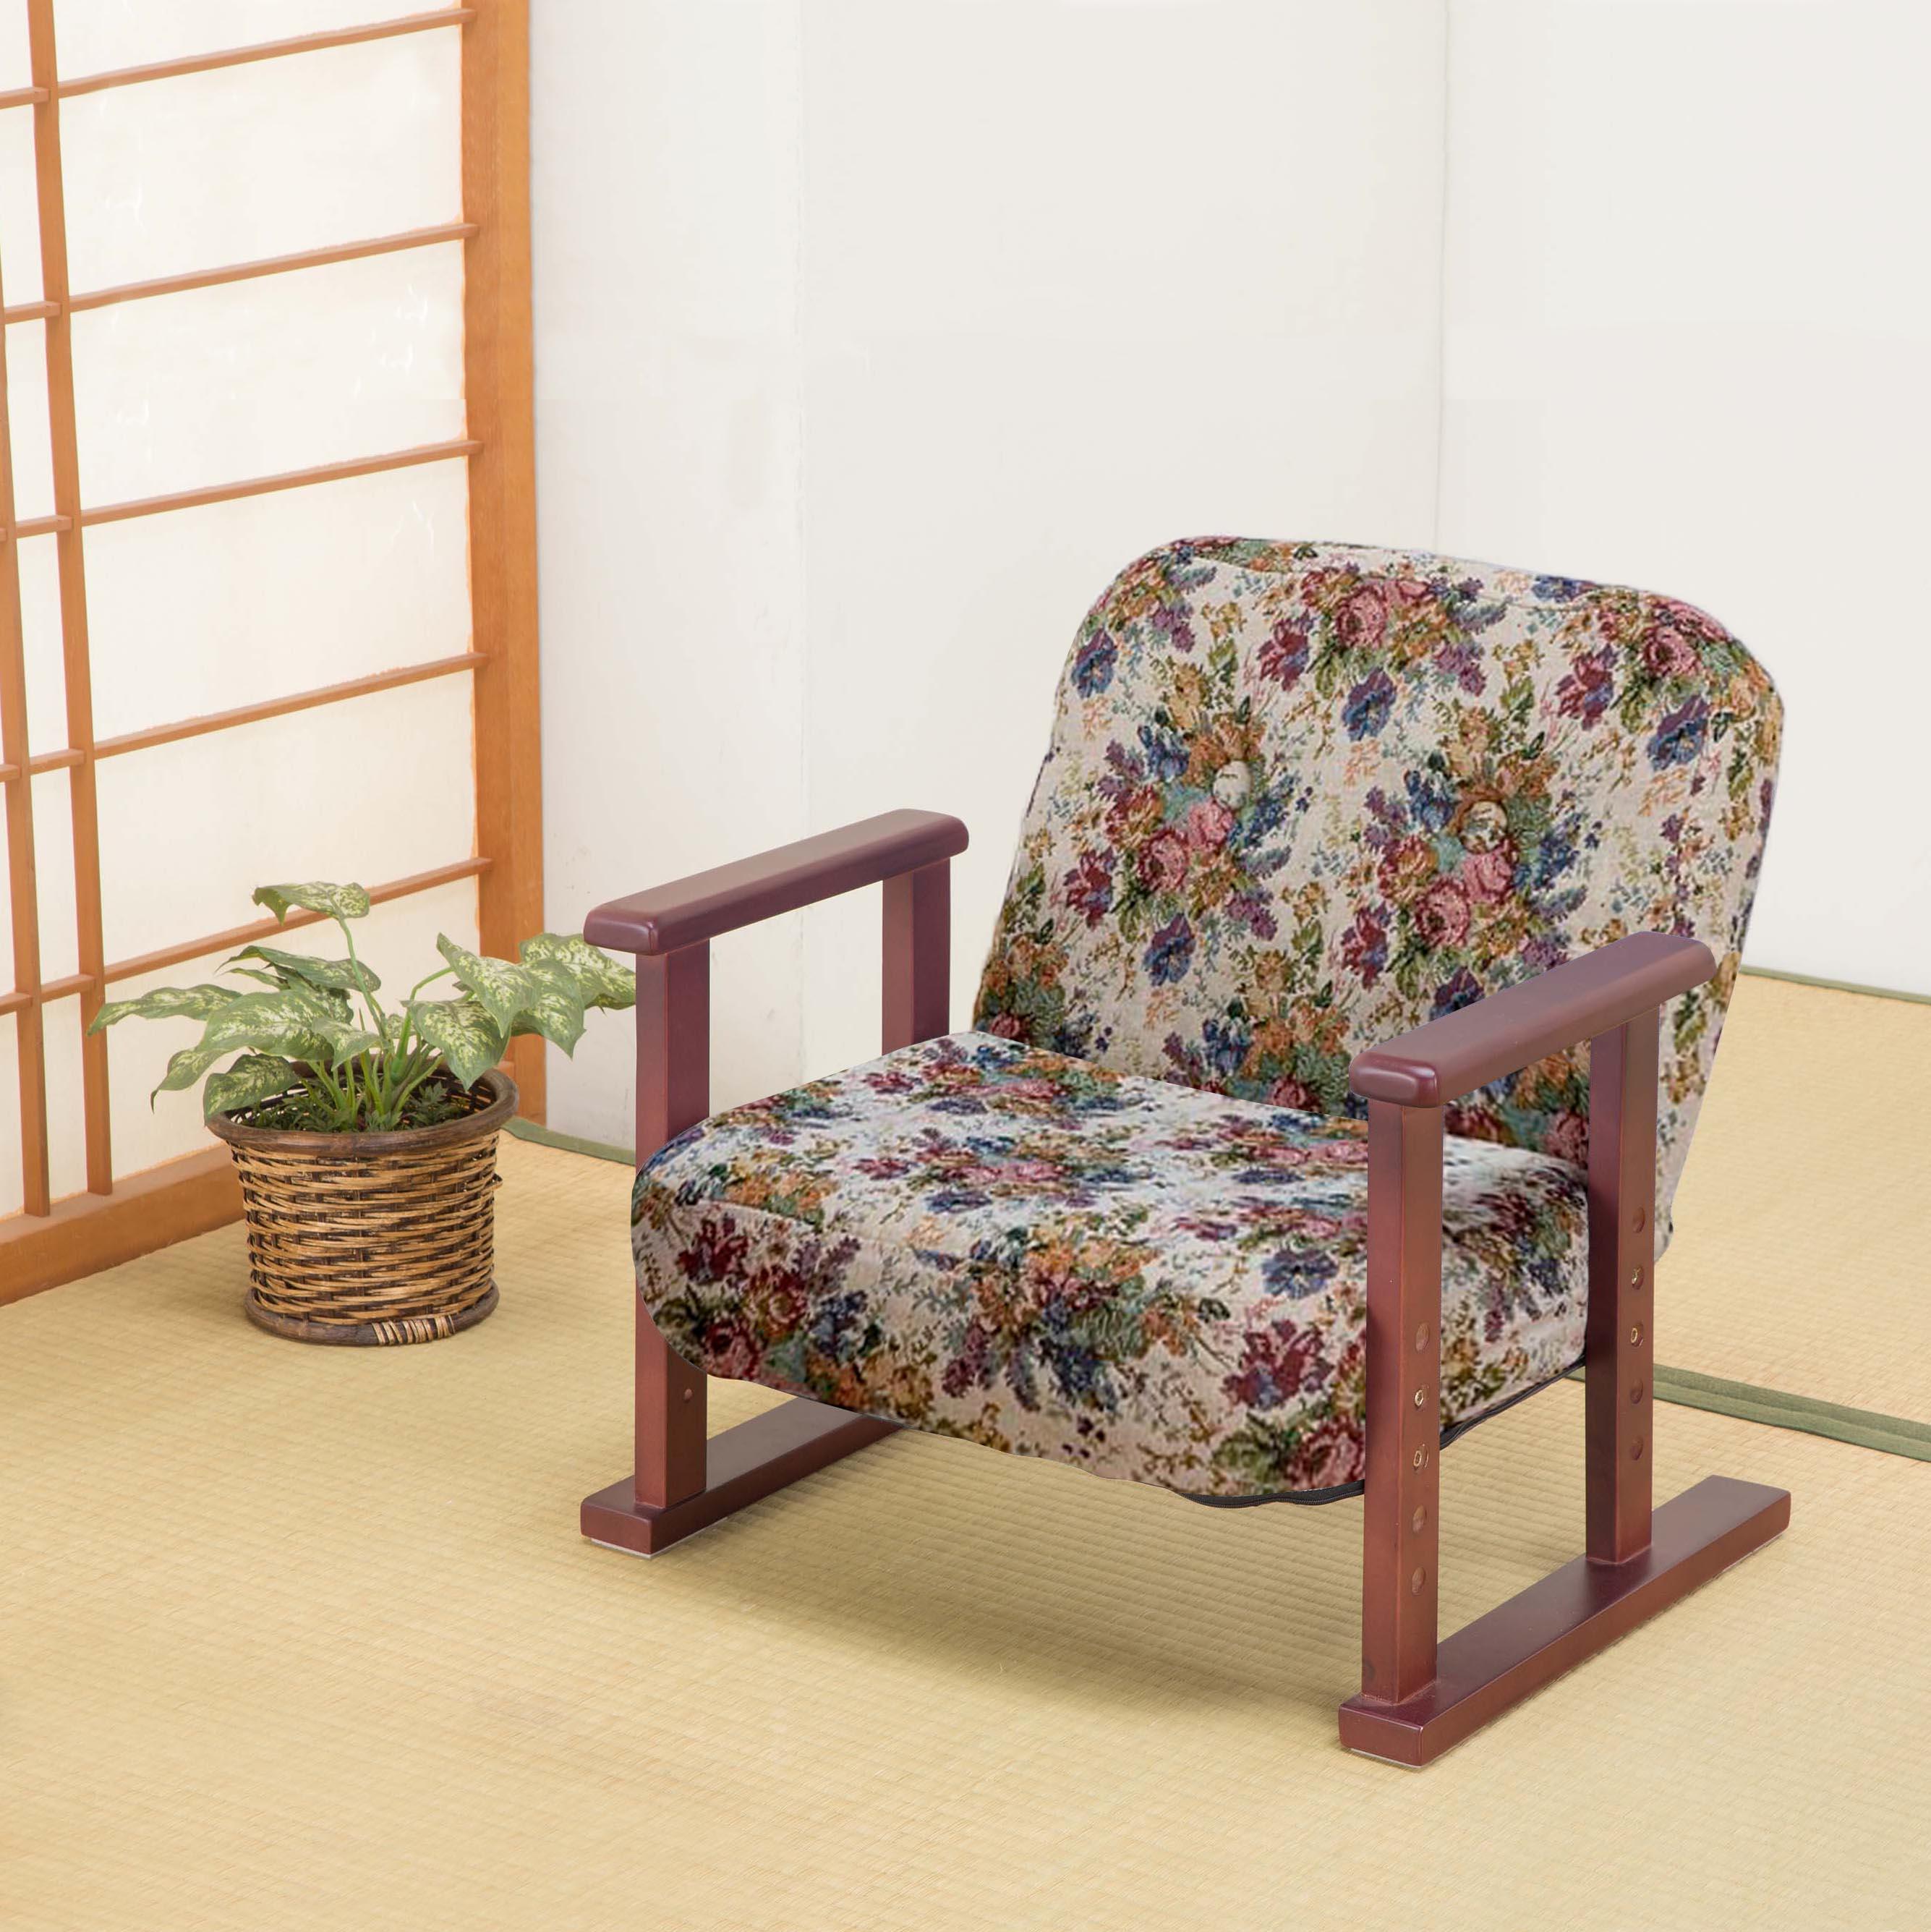 リクライニングお座敷座椅子 SP-010(代引不可)【送料無料】【chair0901】